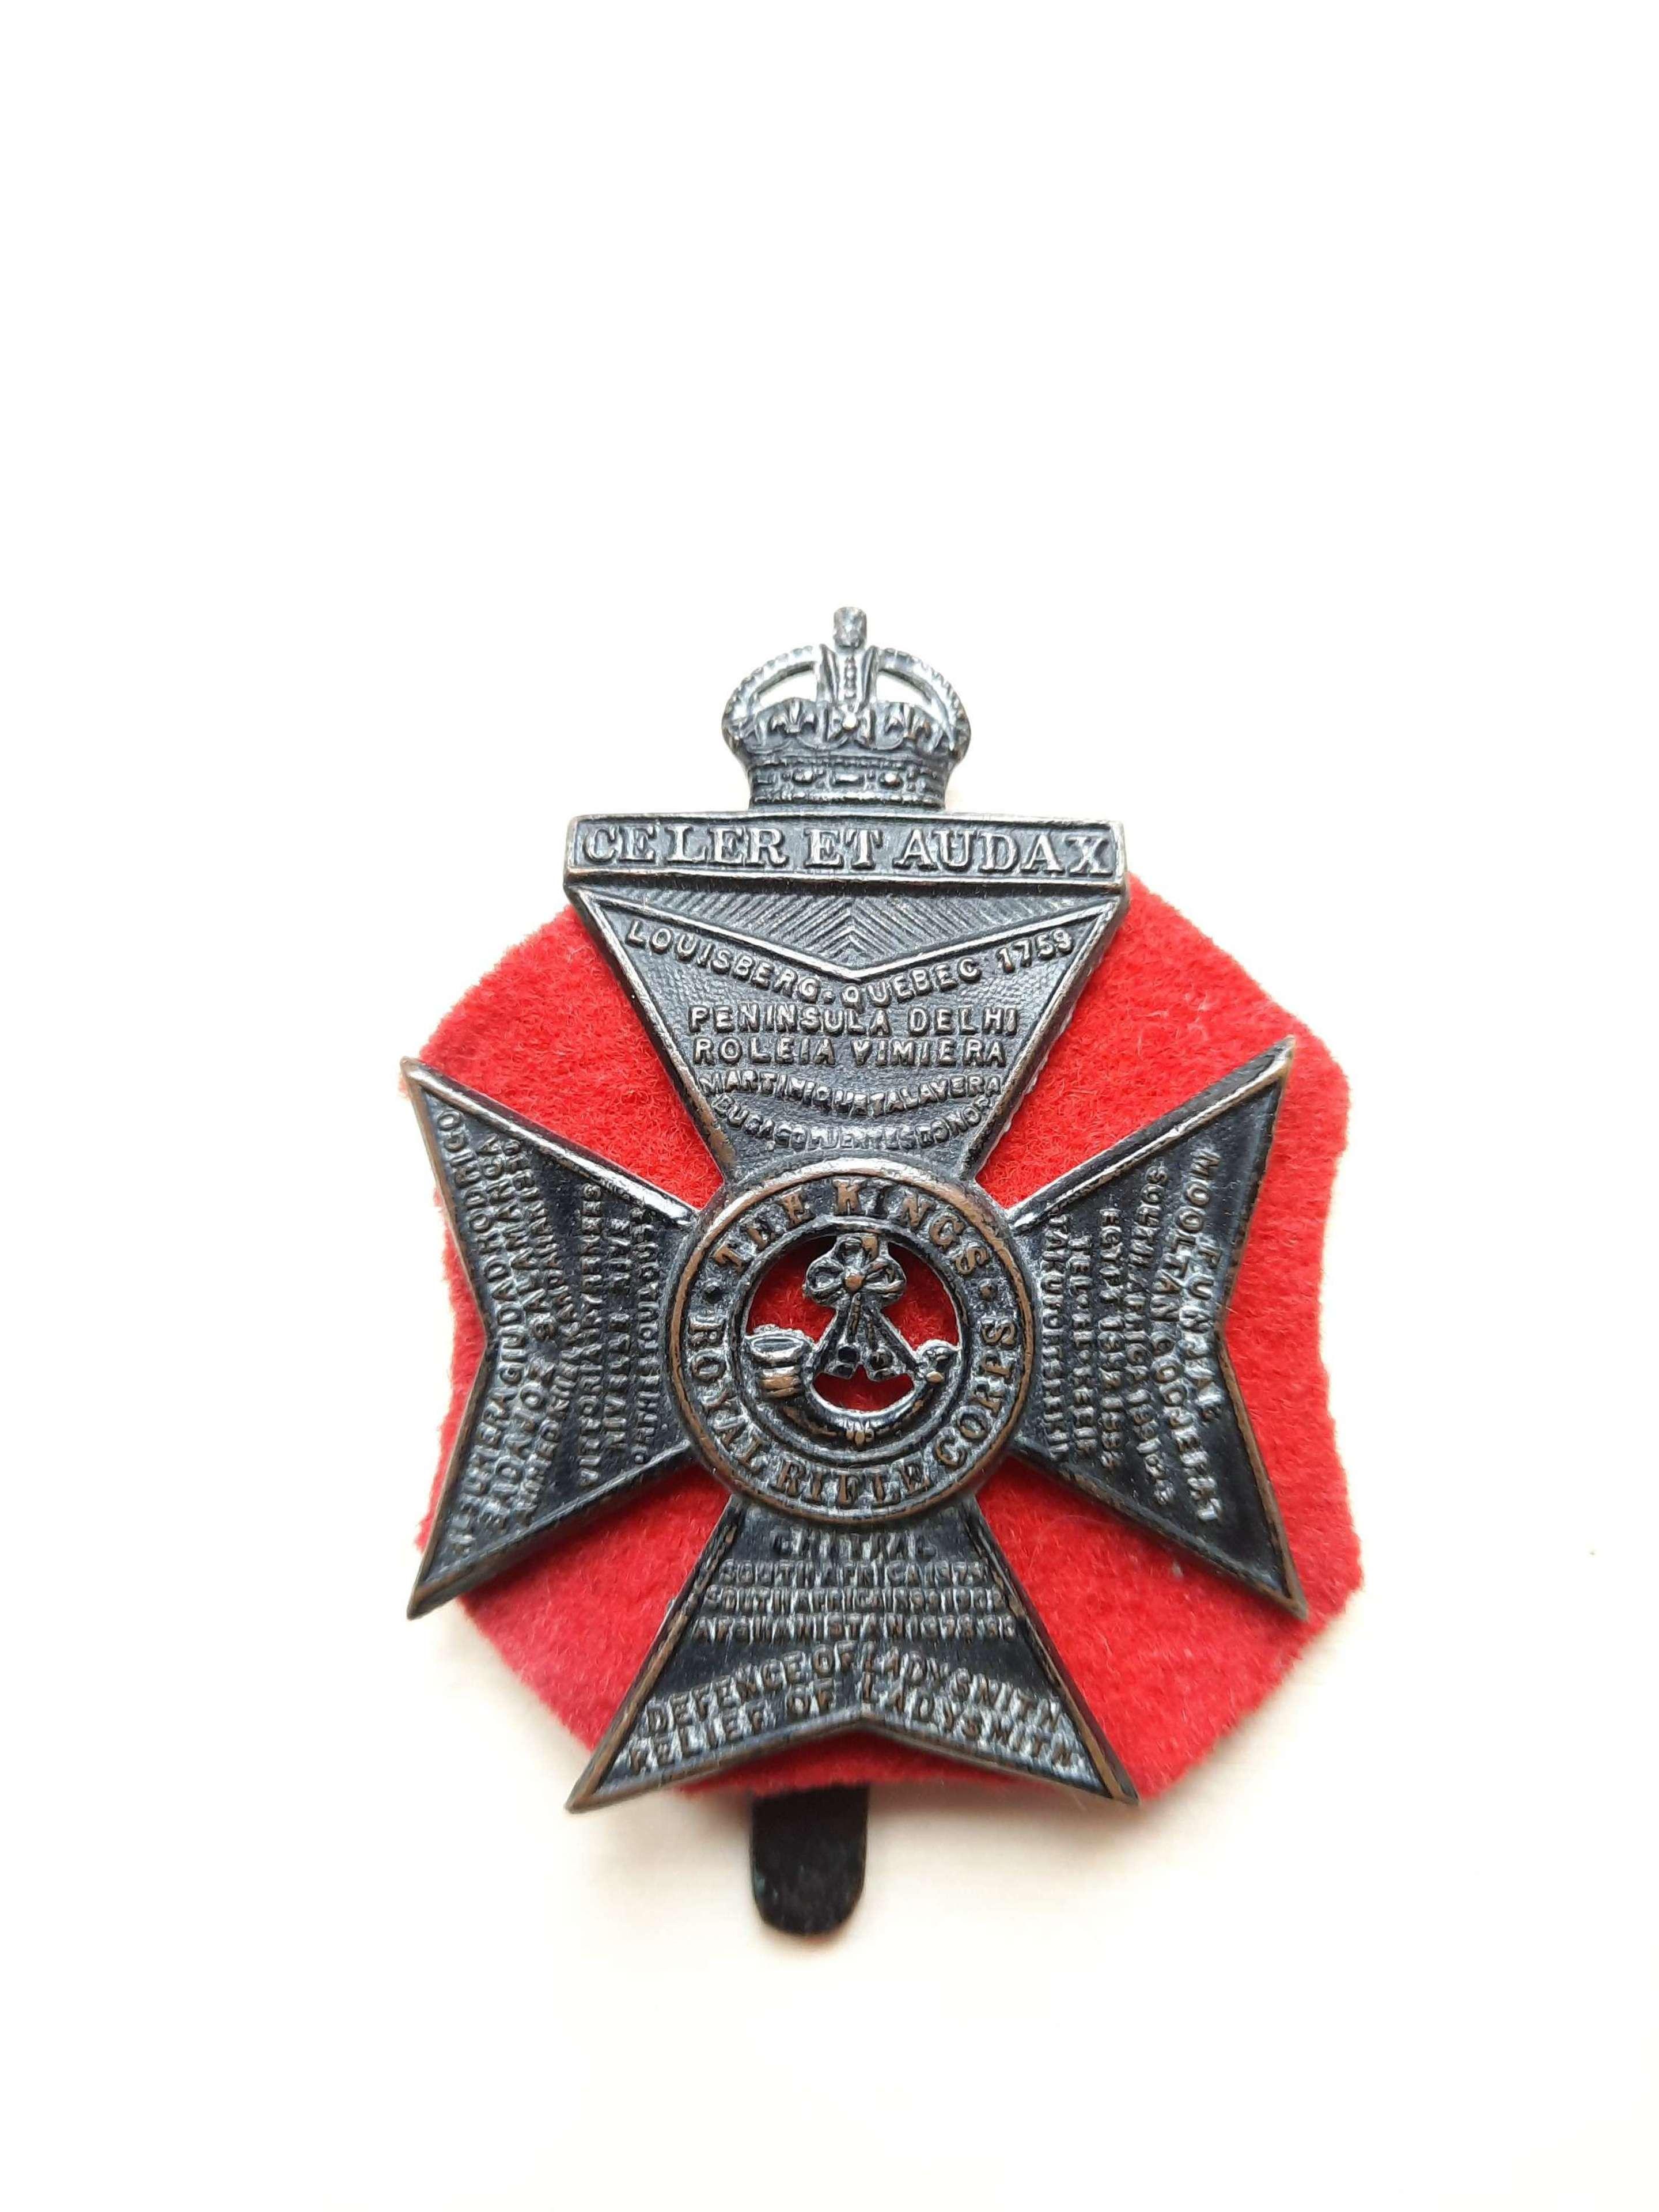 King's Royal Rifle Corps Cap Badge